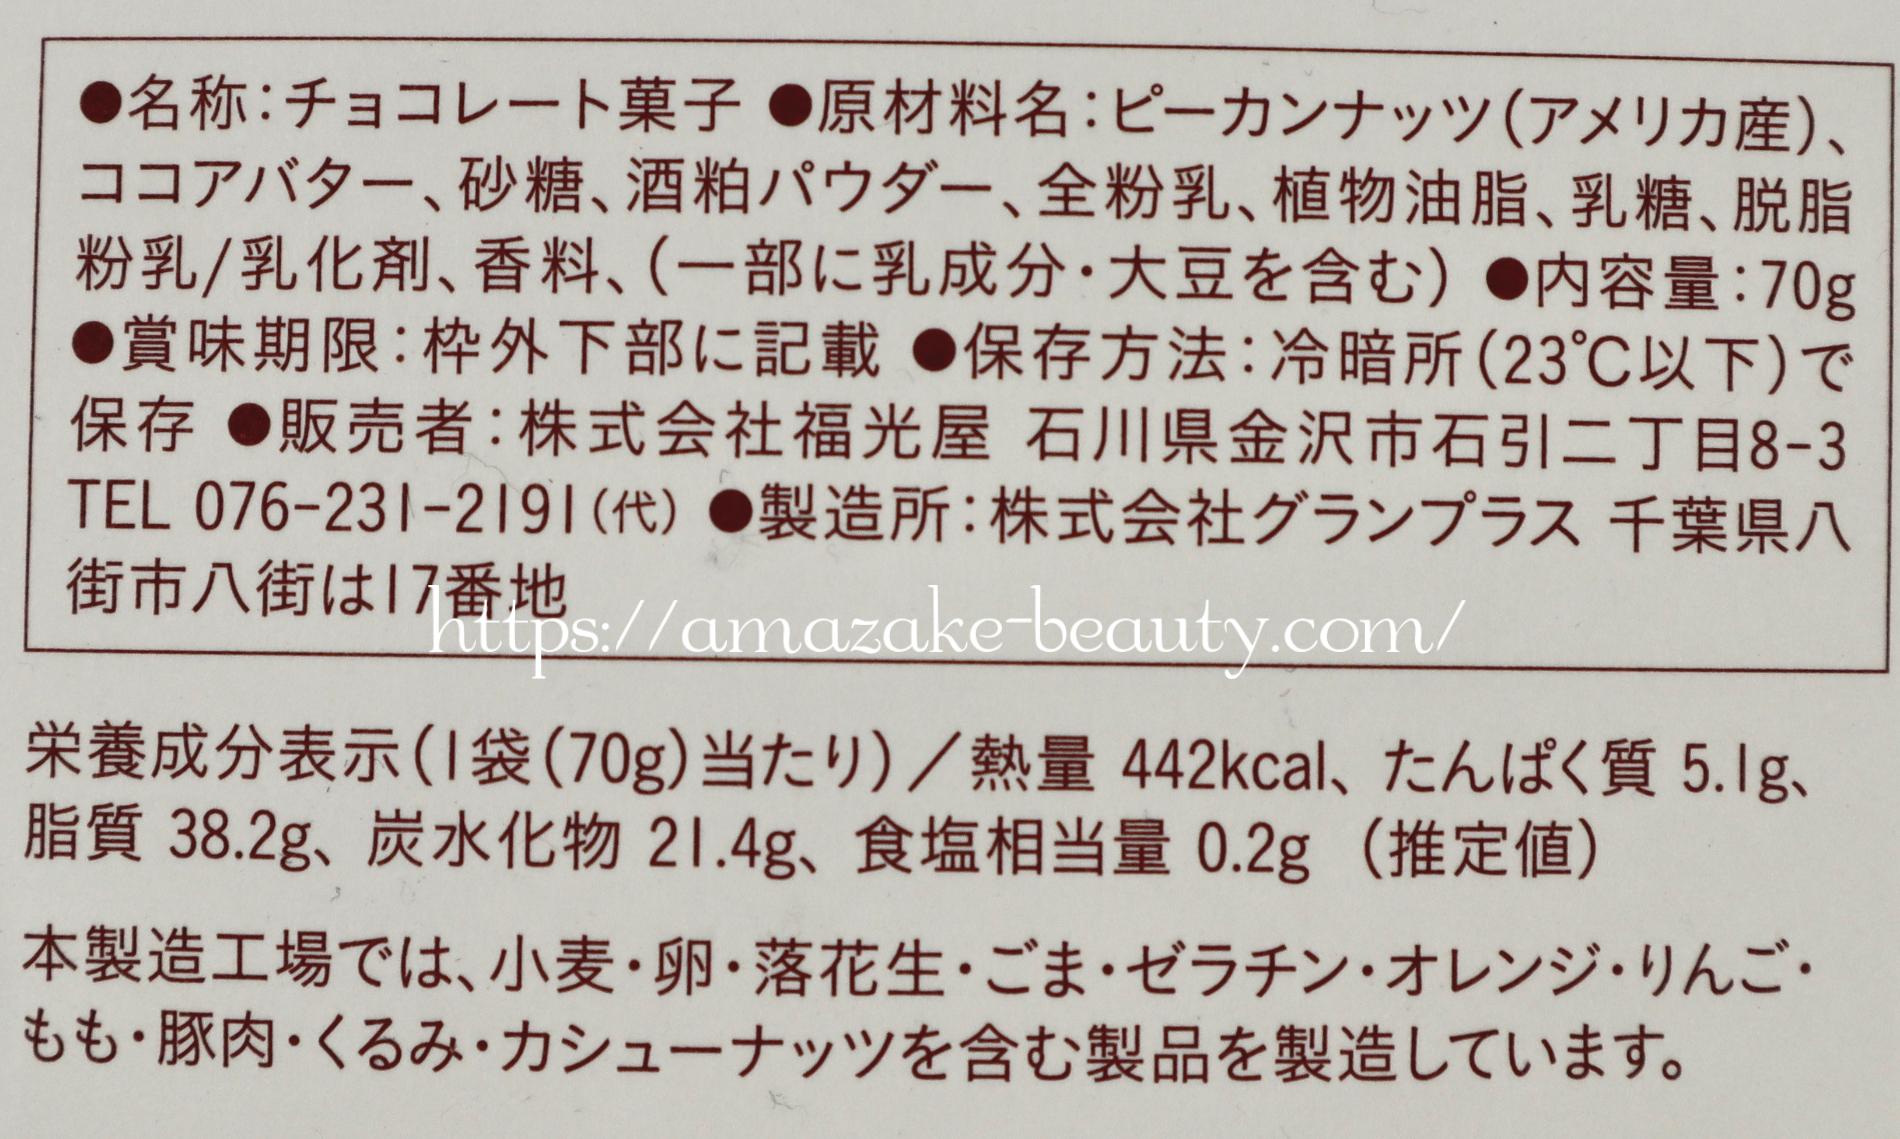 [amazake sweets]fukumitsuya[fukumitsuya no amazake pikannattsu chokoreto](product description)